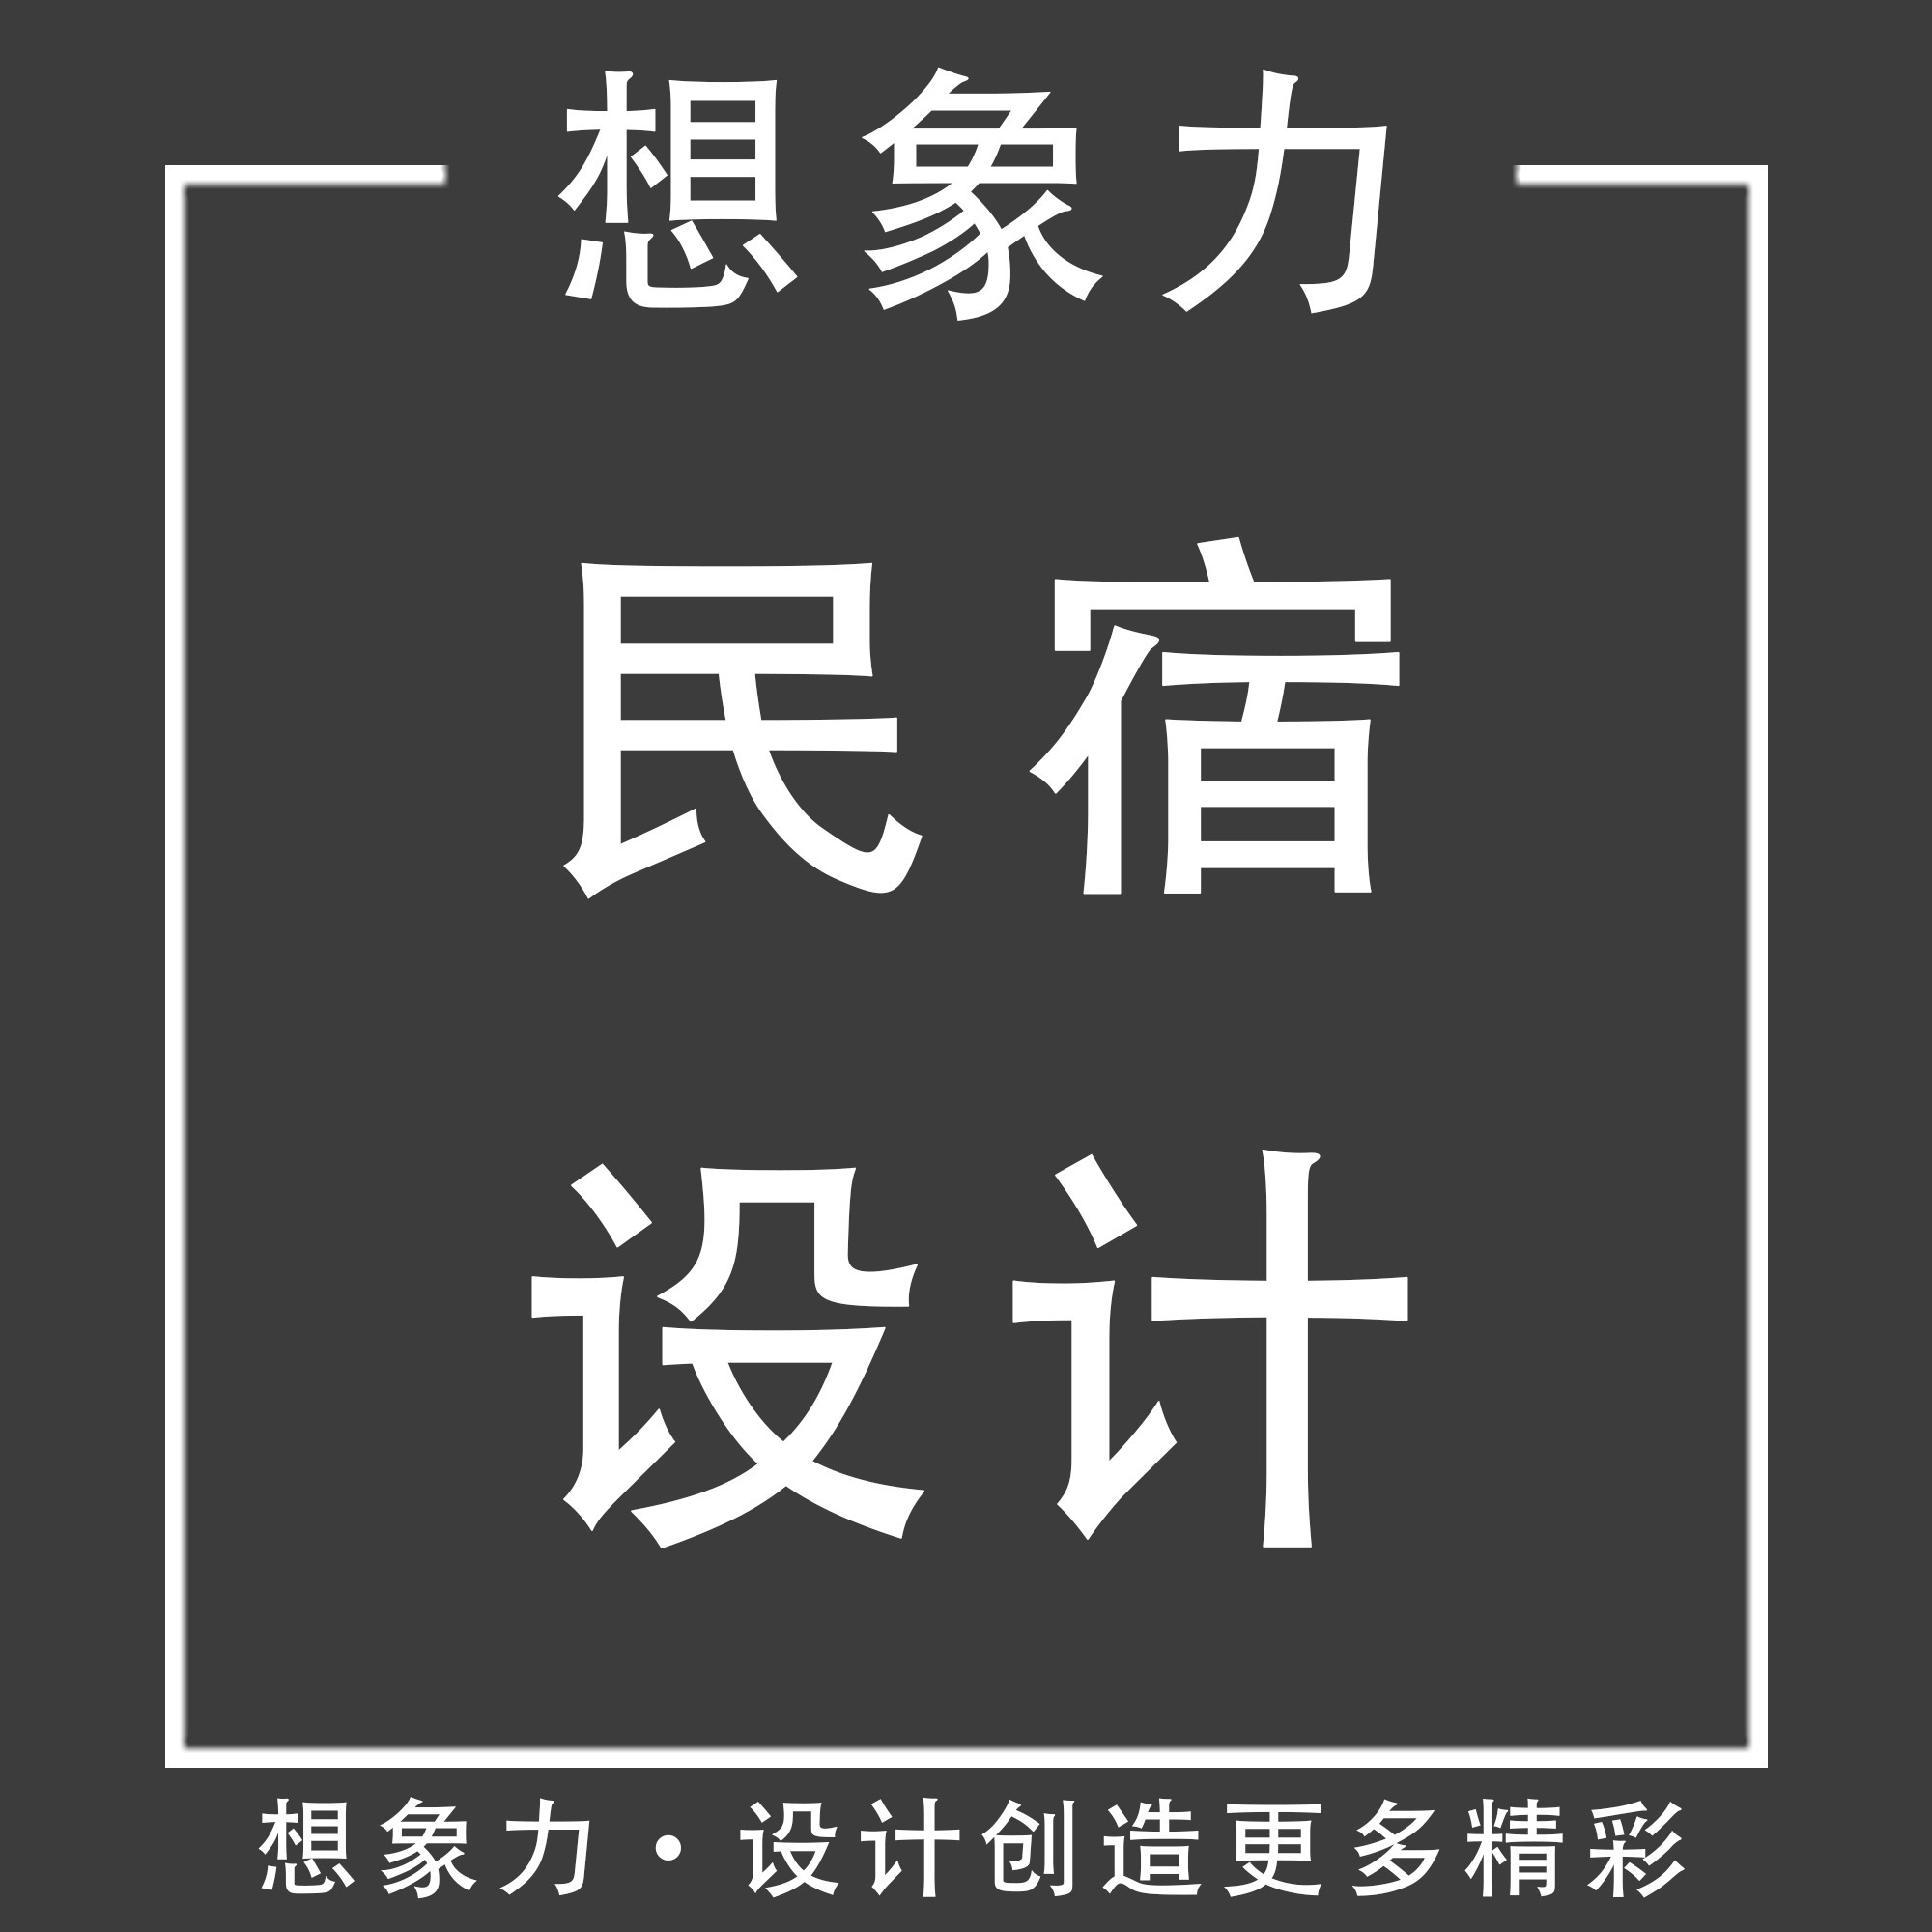 民宿空间 设计 / 公装 服务 设计 /全案 设计 /效果图/施工图